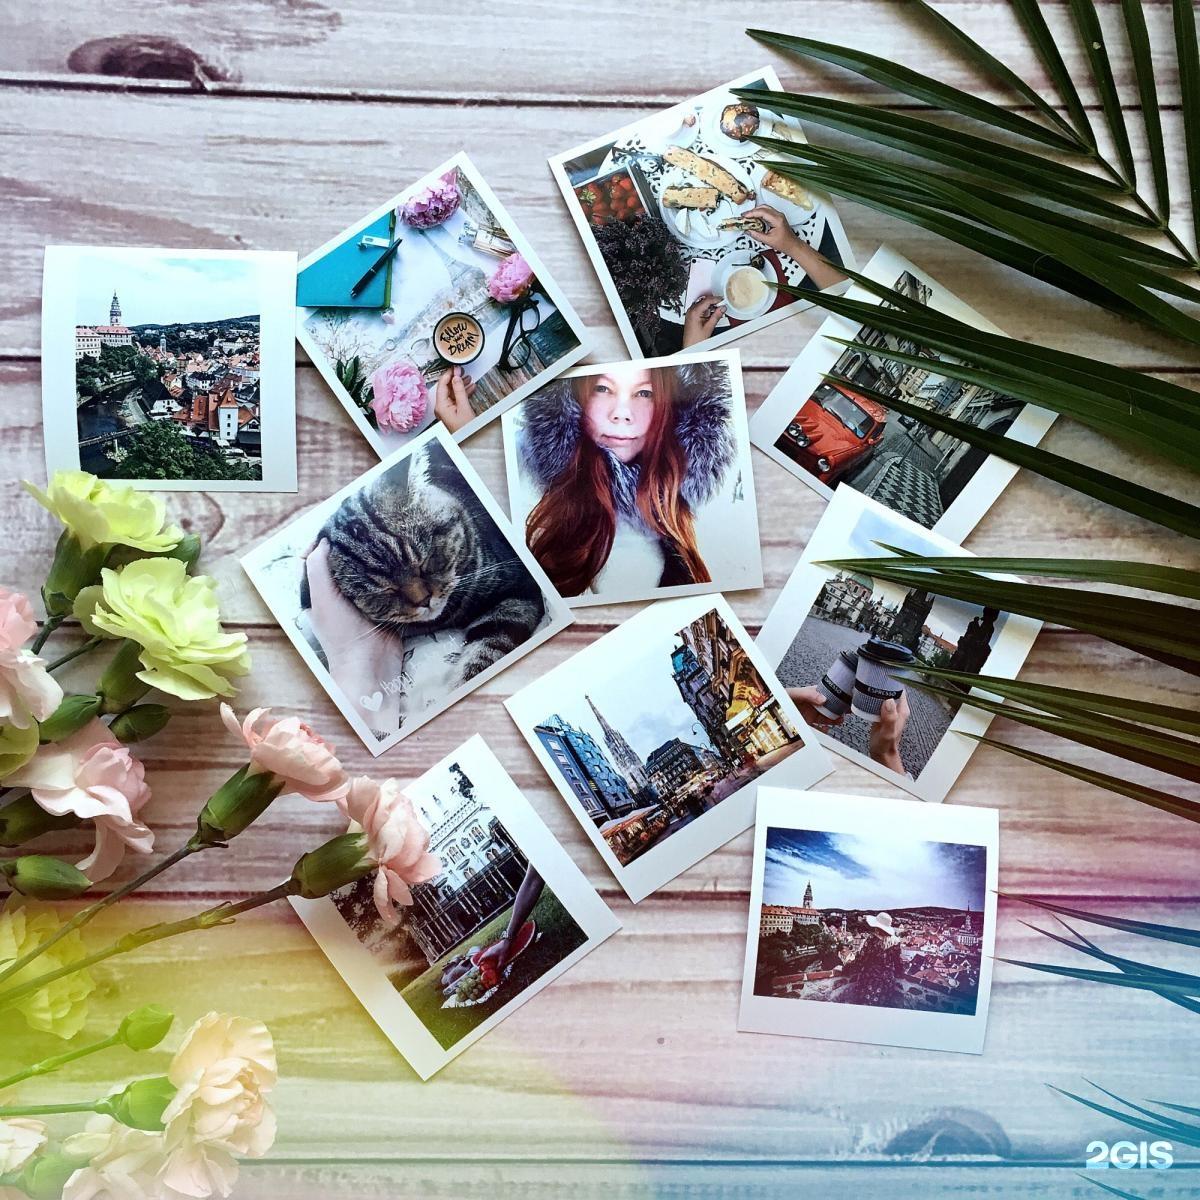 проблемы что нужно чтобы открыть печать фотографий вашим просьбам